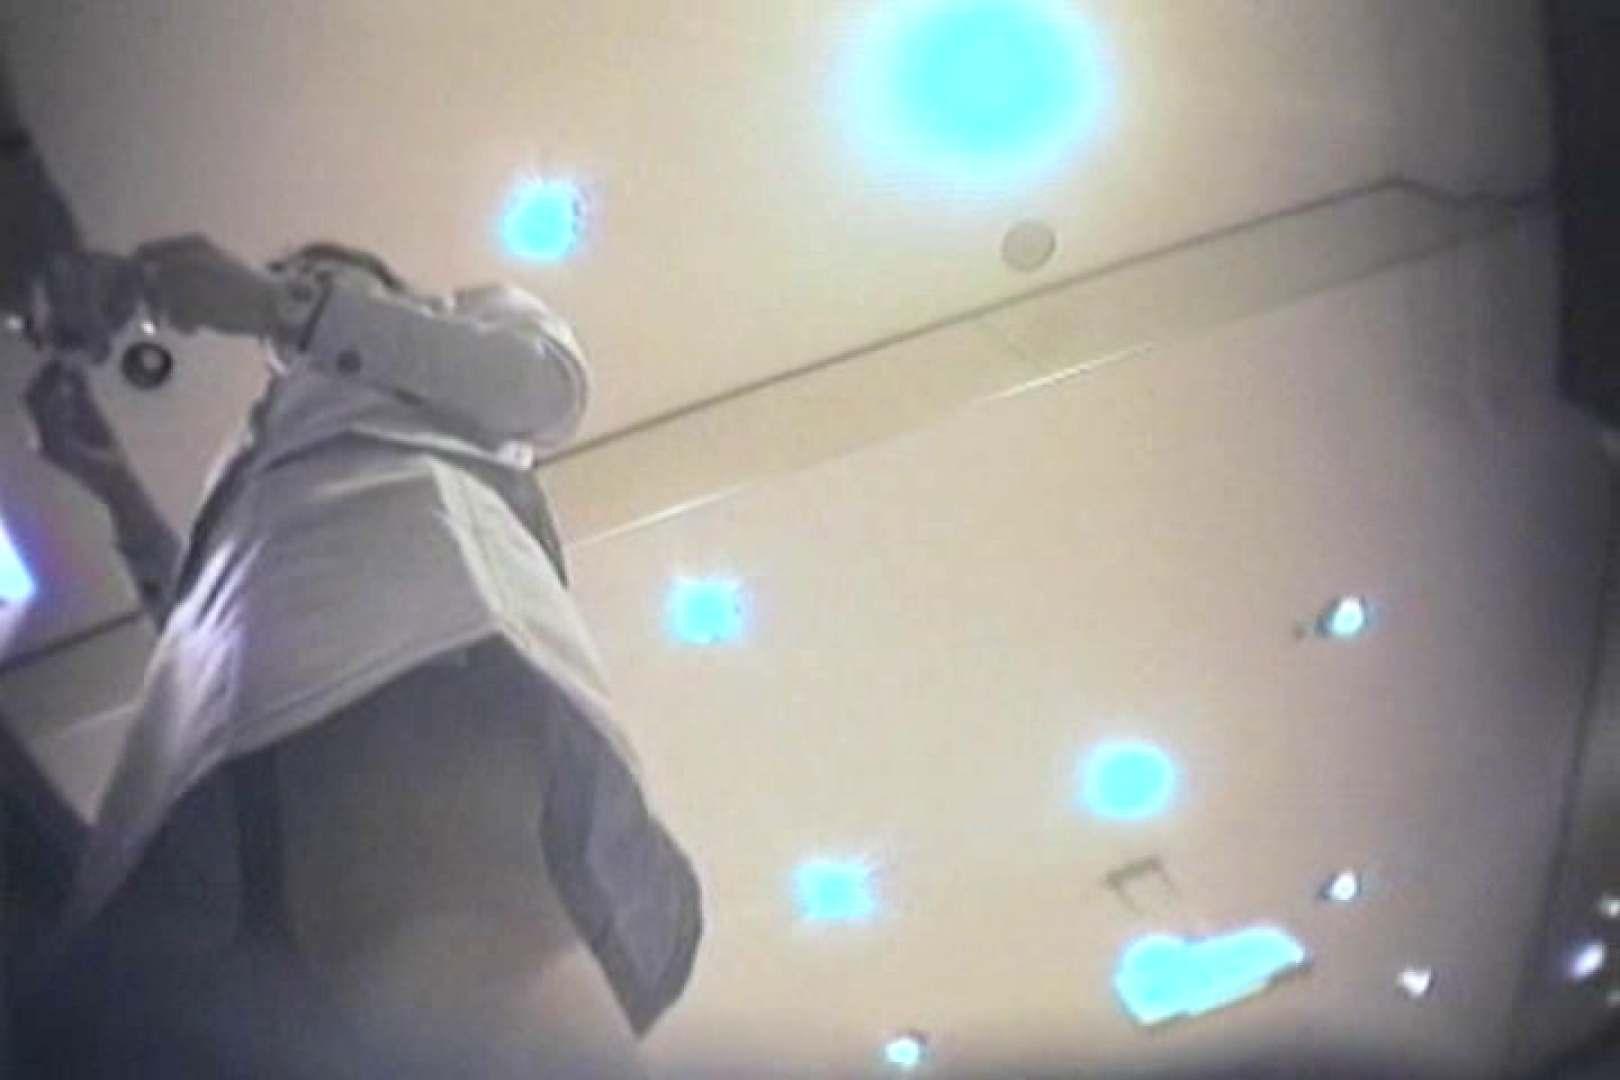 デパートローアングル徘徊 靴カメ盗撮Vol.1 OLセックス 盗撮オメコ無修正動画無料 103画像 80